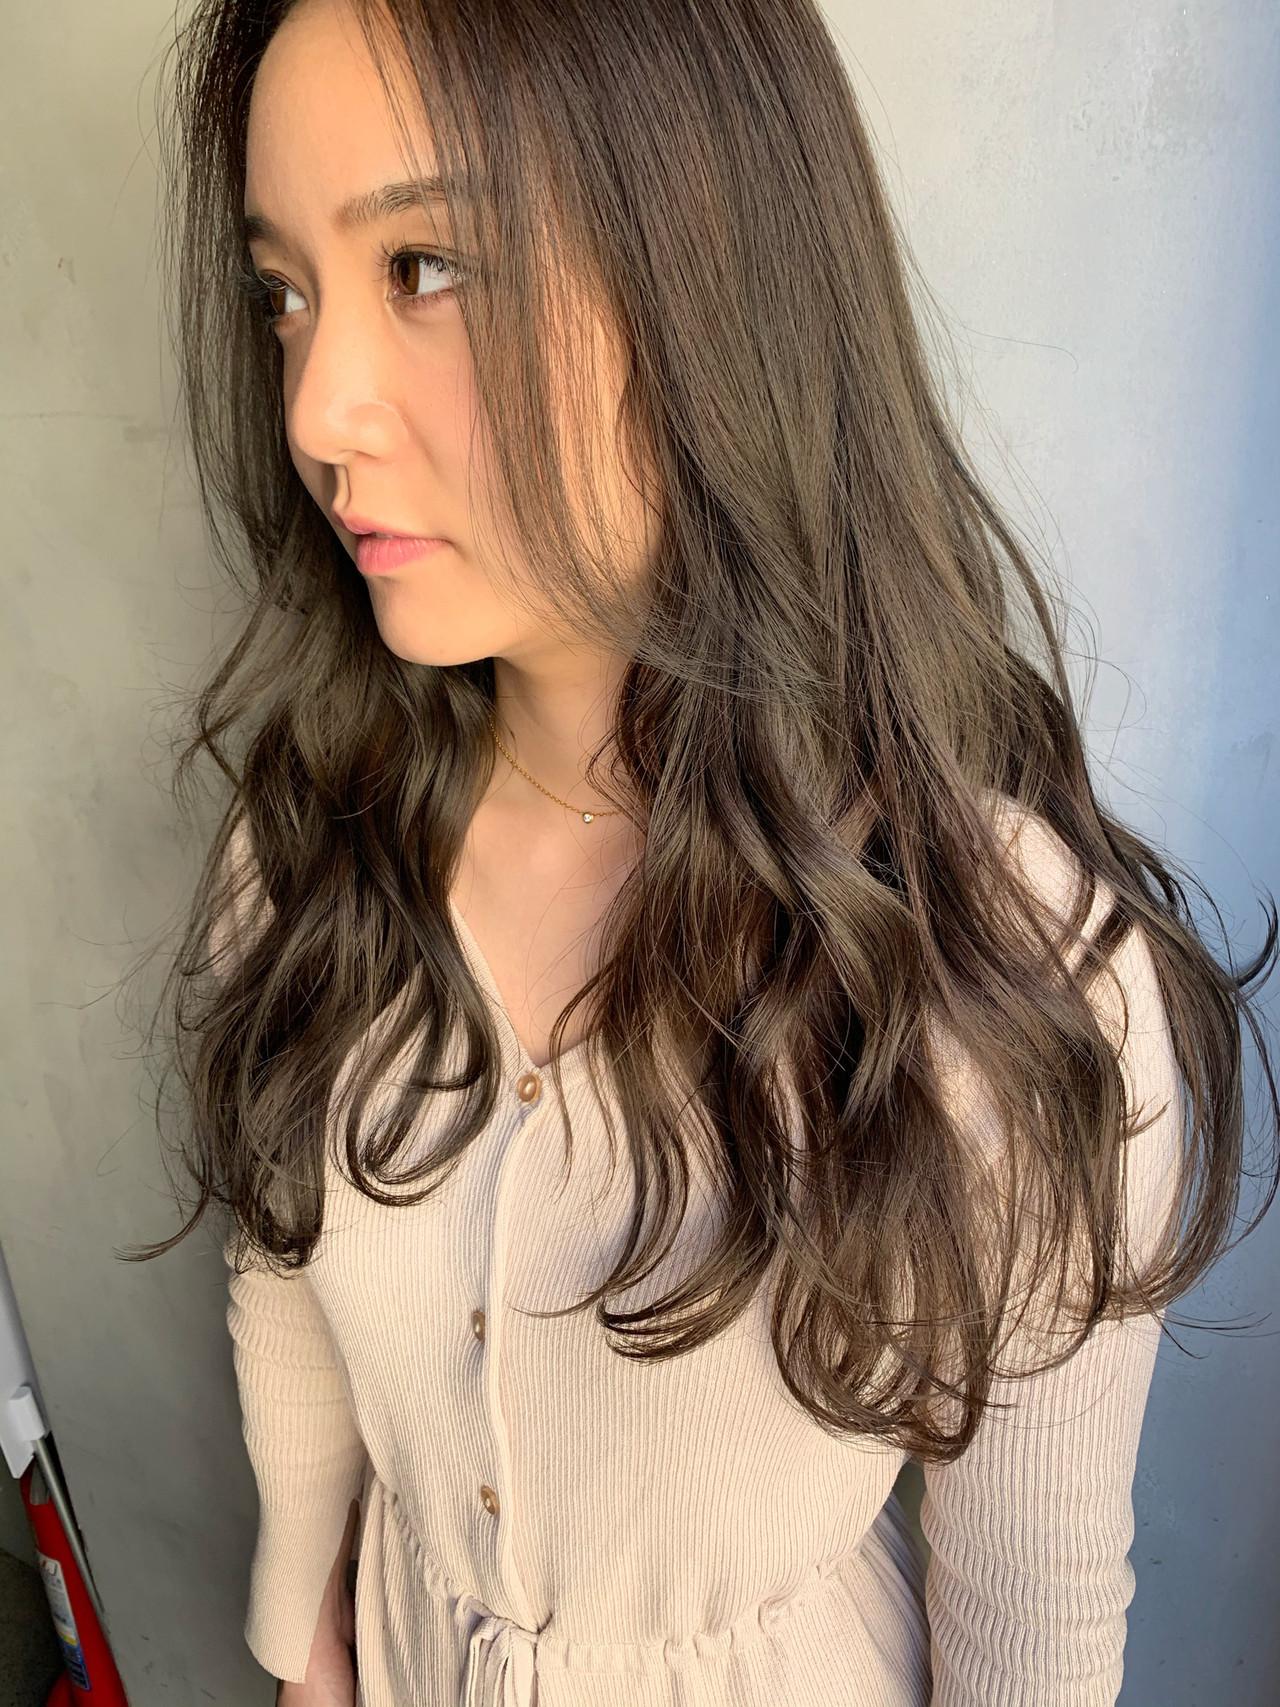 艶髪 アッシュグレー ナチュラル ダークトーン ヘアスタイルや髪型の写真・画像